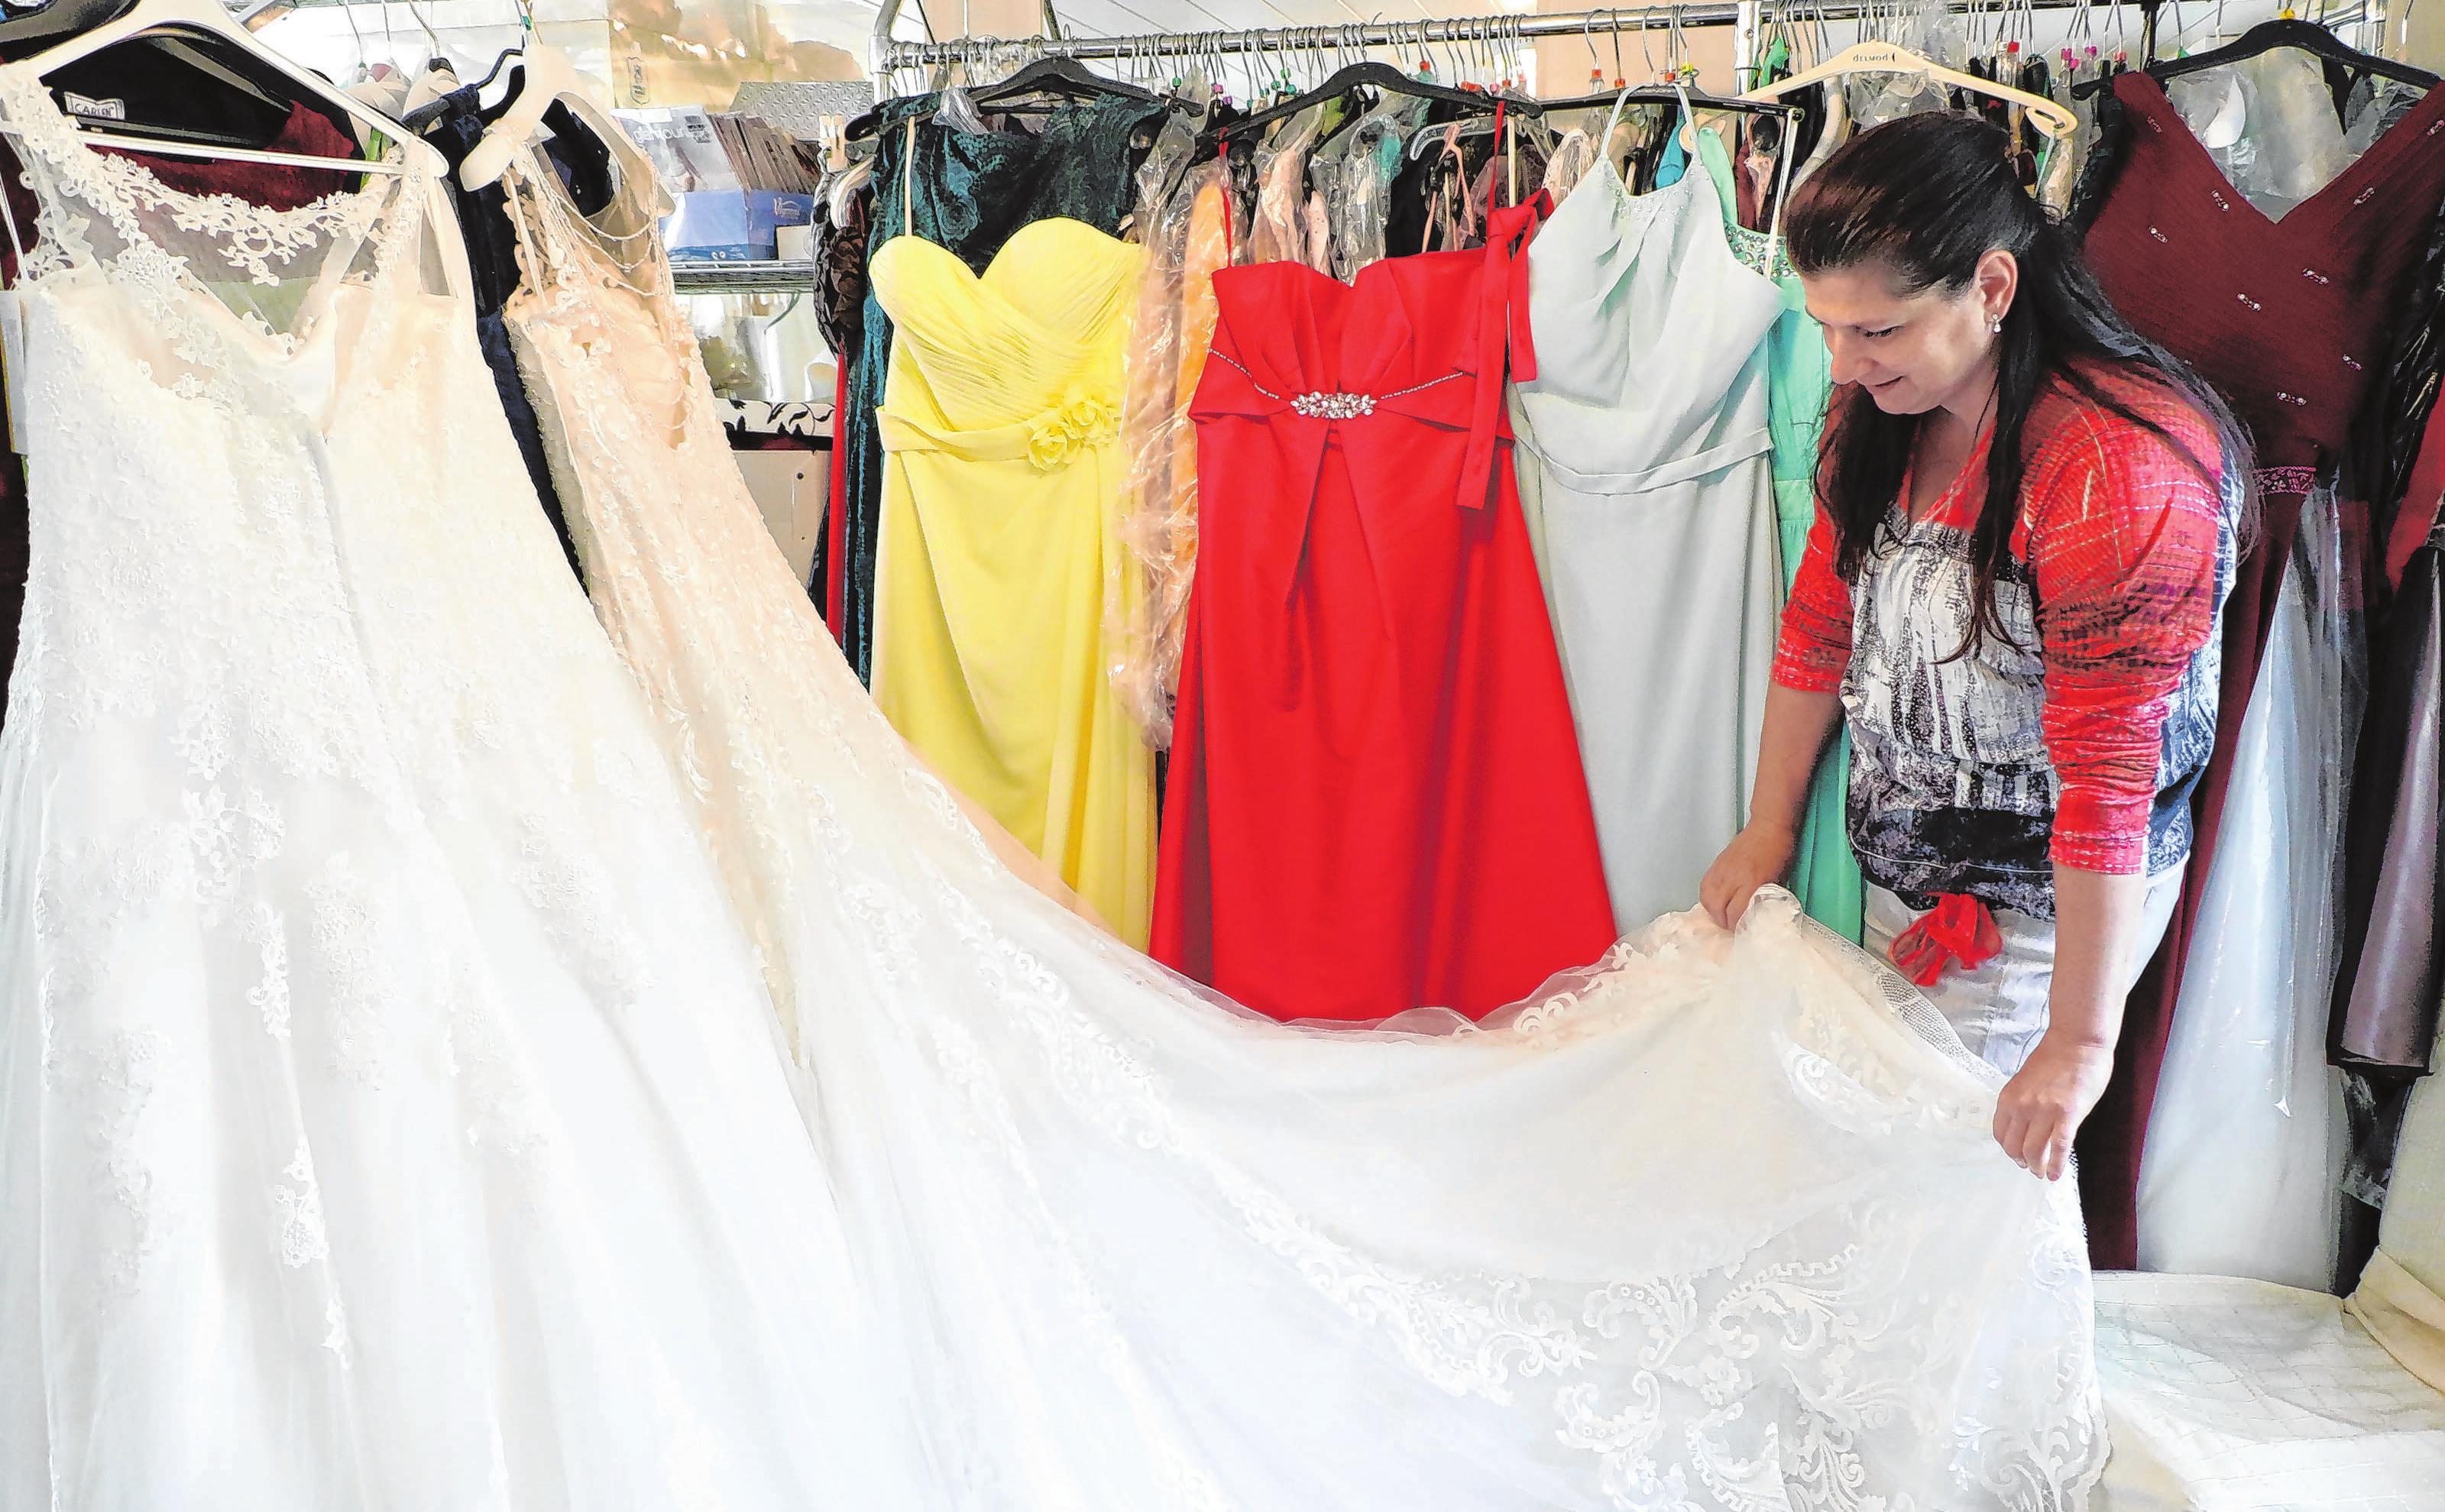 Das Geschäft ist noch voller Kleider. Katja Petrick freut sich darauf, die Kundinnen noch bis 30. Juni mit Braut- oder Festmode einzukleiden. Fotos (2): Anne Bennewitz